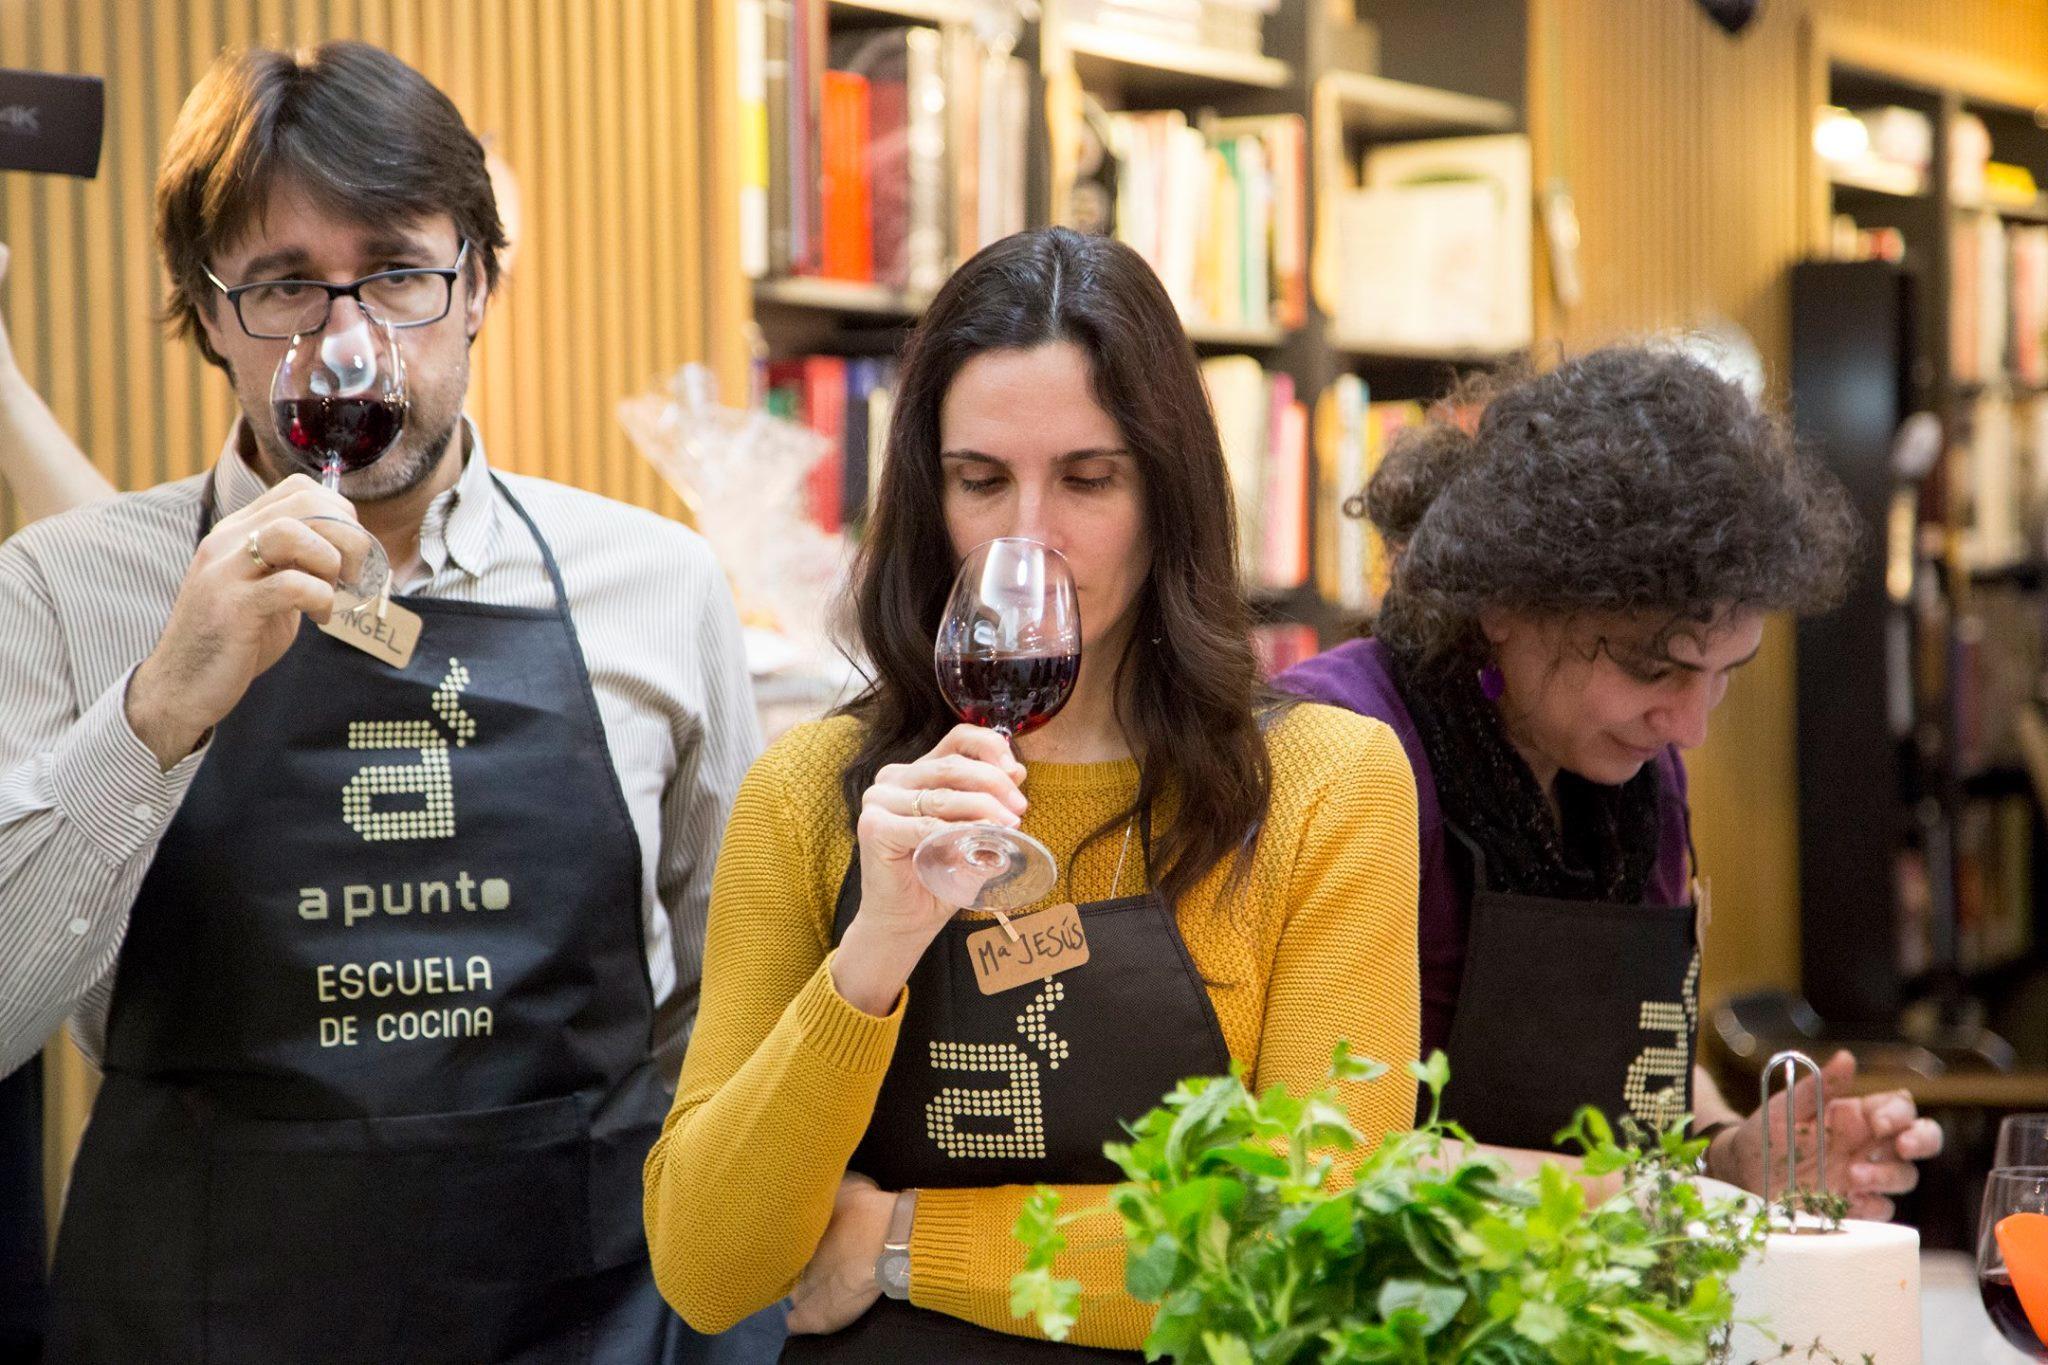 A Punto Cata de vinos